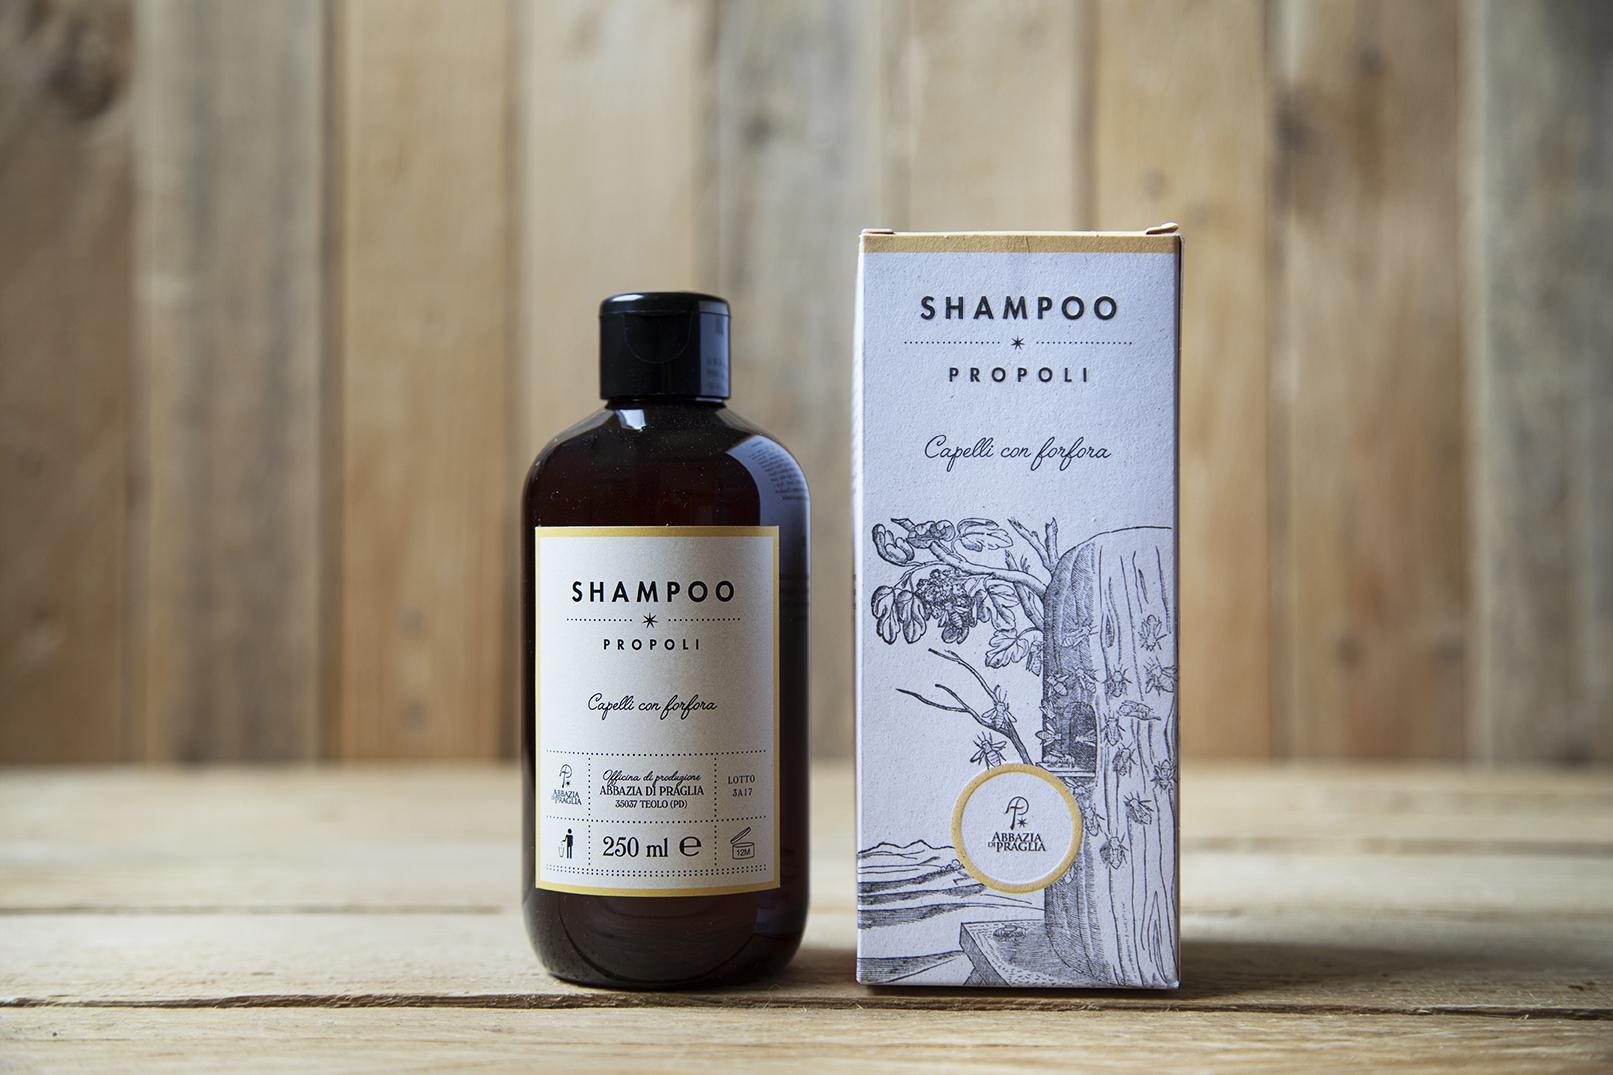 Shampoo alla propoli